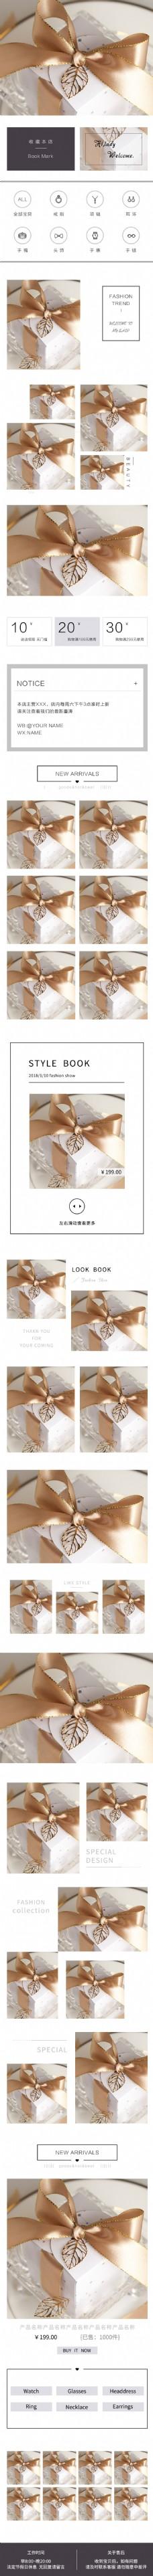 天猫淘宝时尚简约韩国森系小饰品移动端首页APP页面